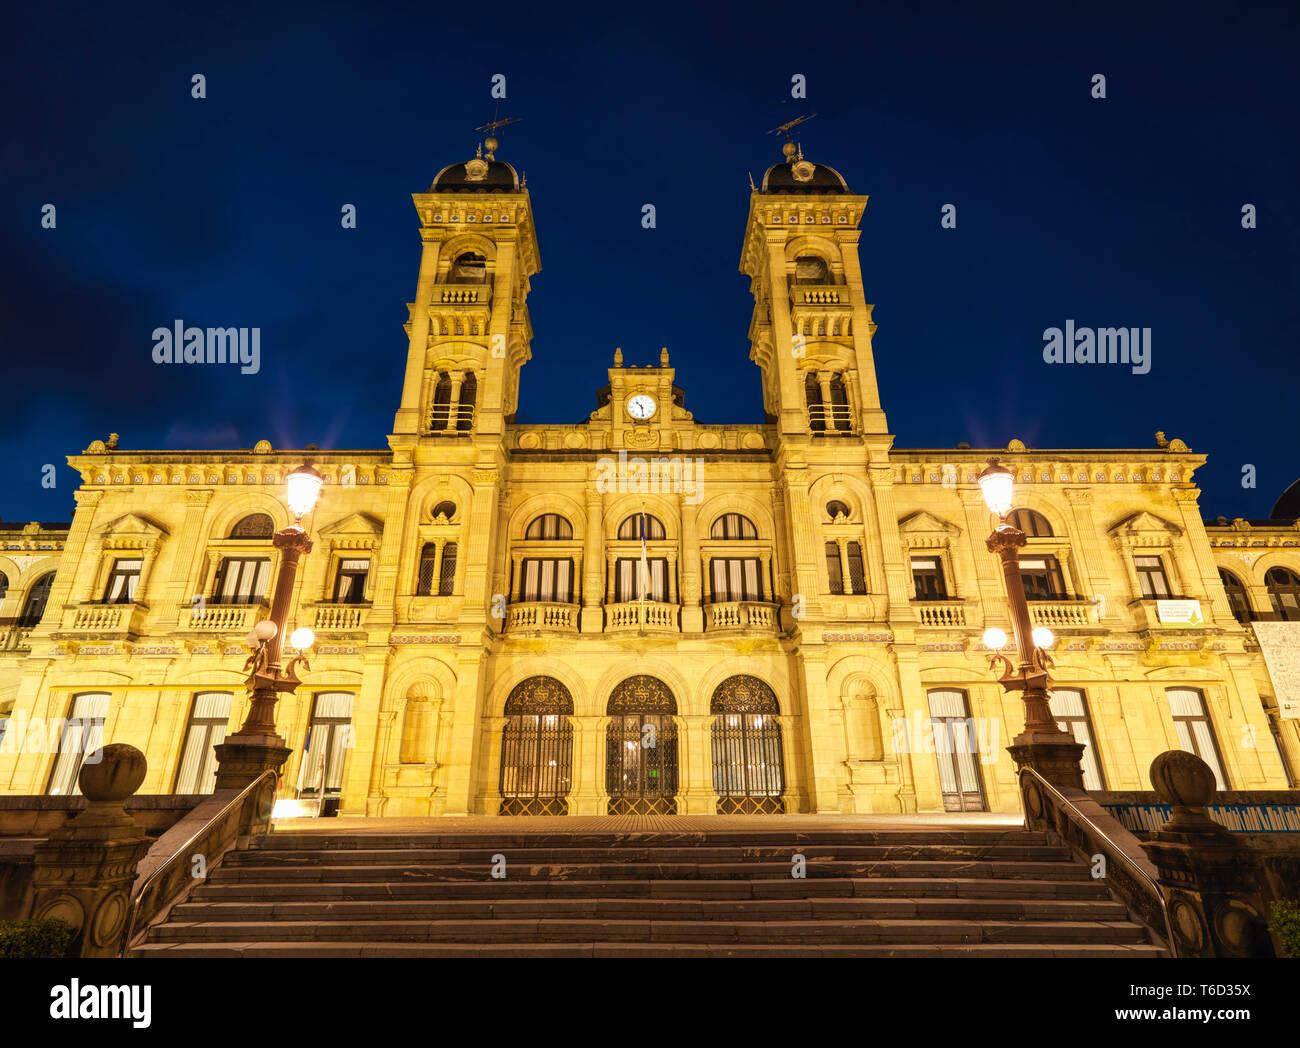 Spain, Basque Country, San Sebastian (Donostia), City hall illuminated at night - Stock Image